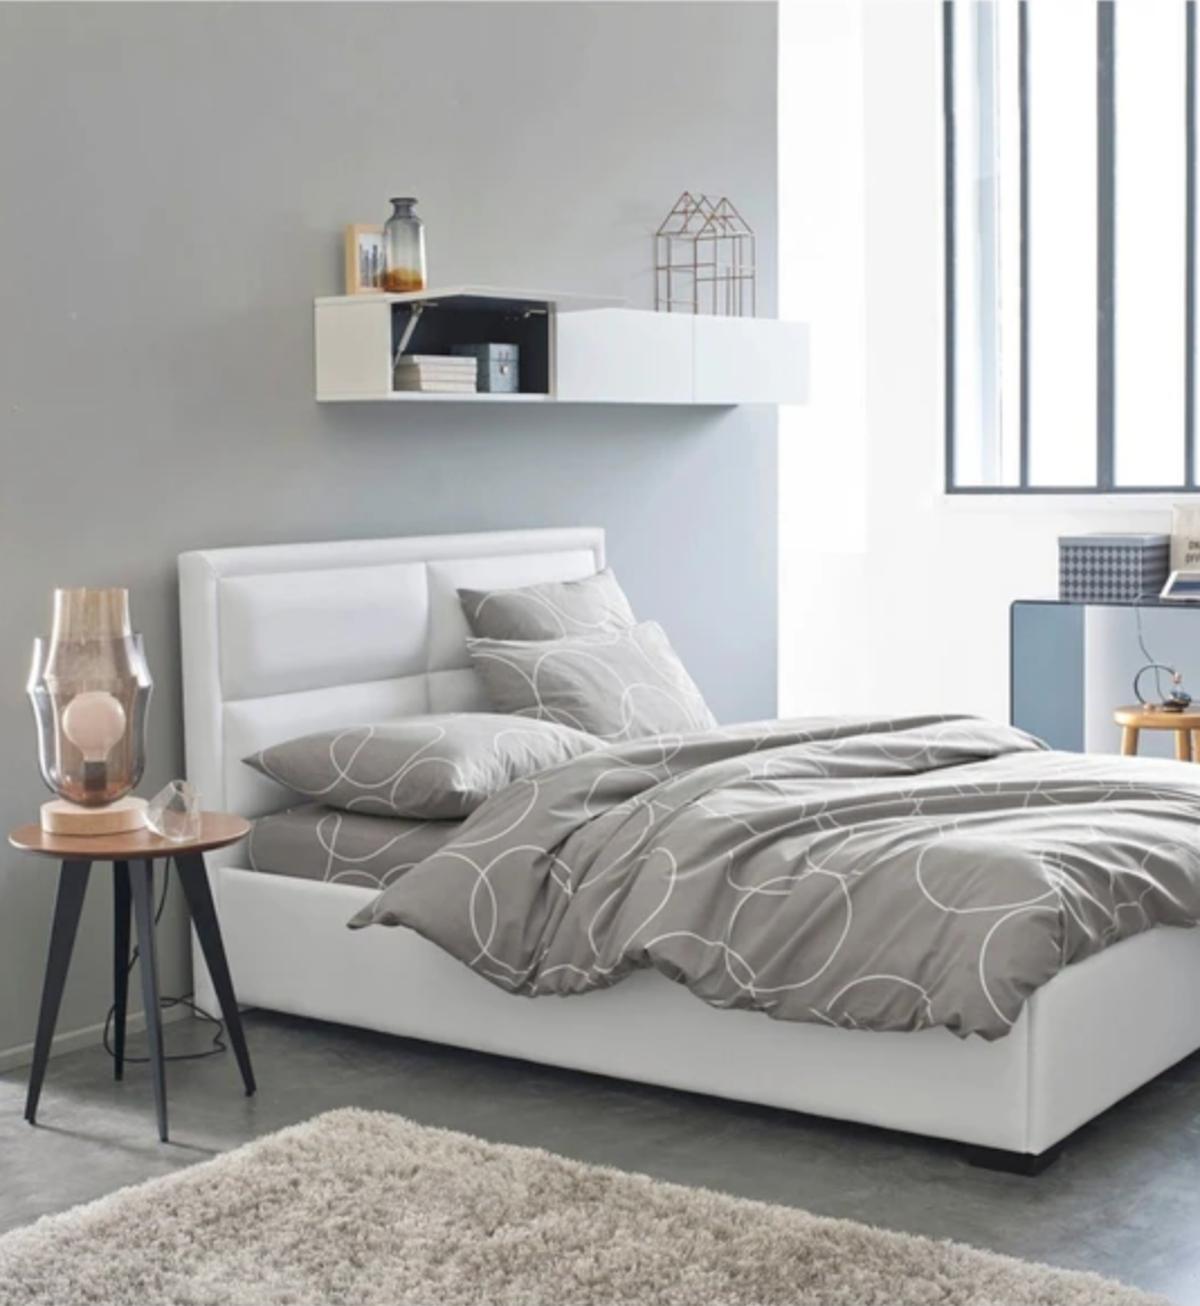 chambre mur gris verrière tapis lit housse de couette - blog déco - clemaroundthecorner